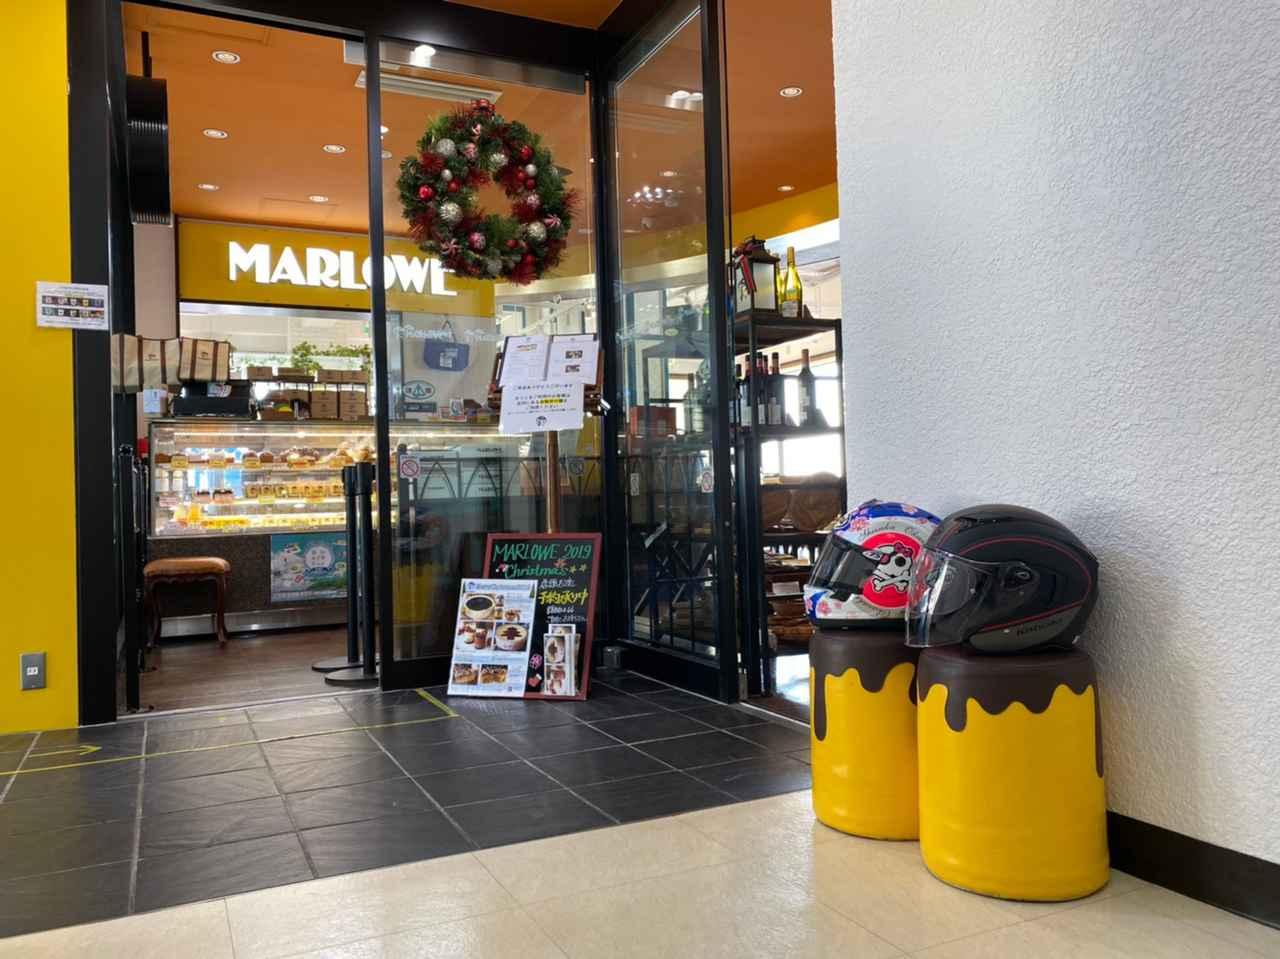 画像2: 次は葉山プリン【マーロウカフェ】へ